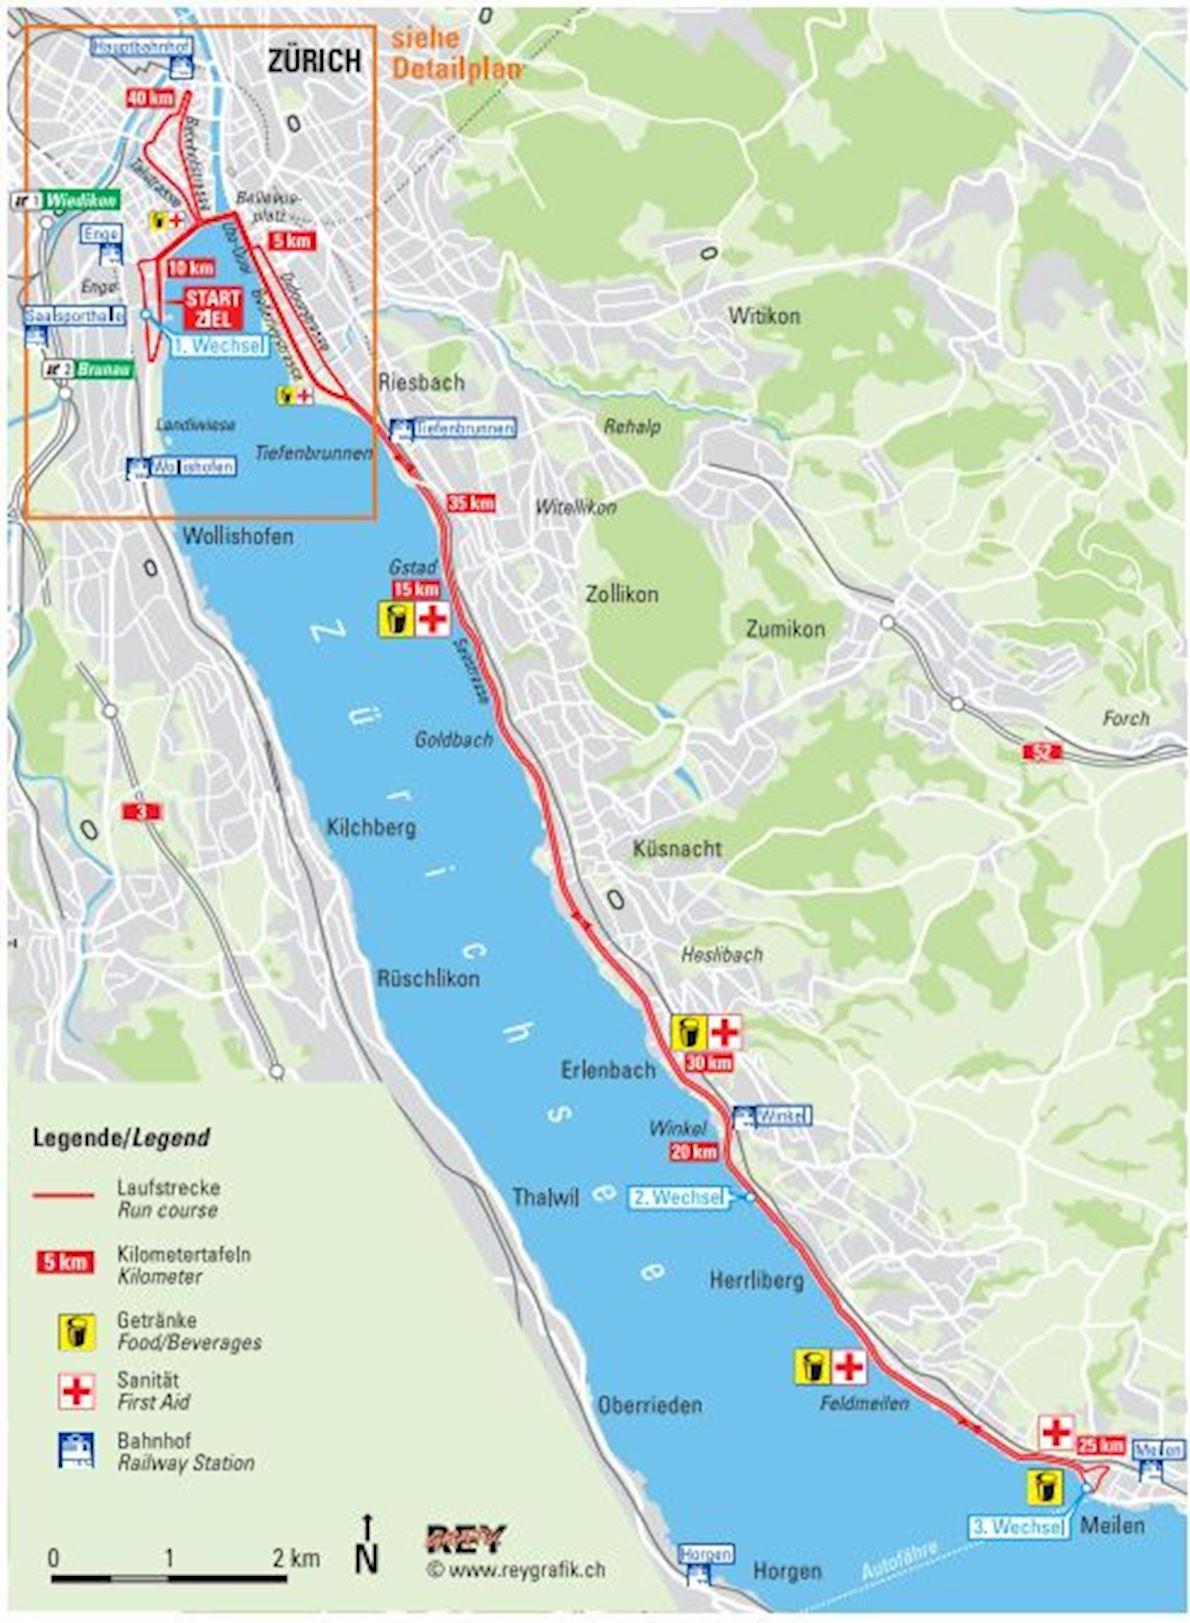 Zürich Marathon Mappa del percorso